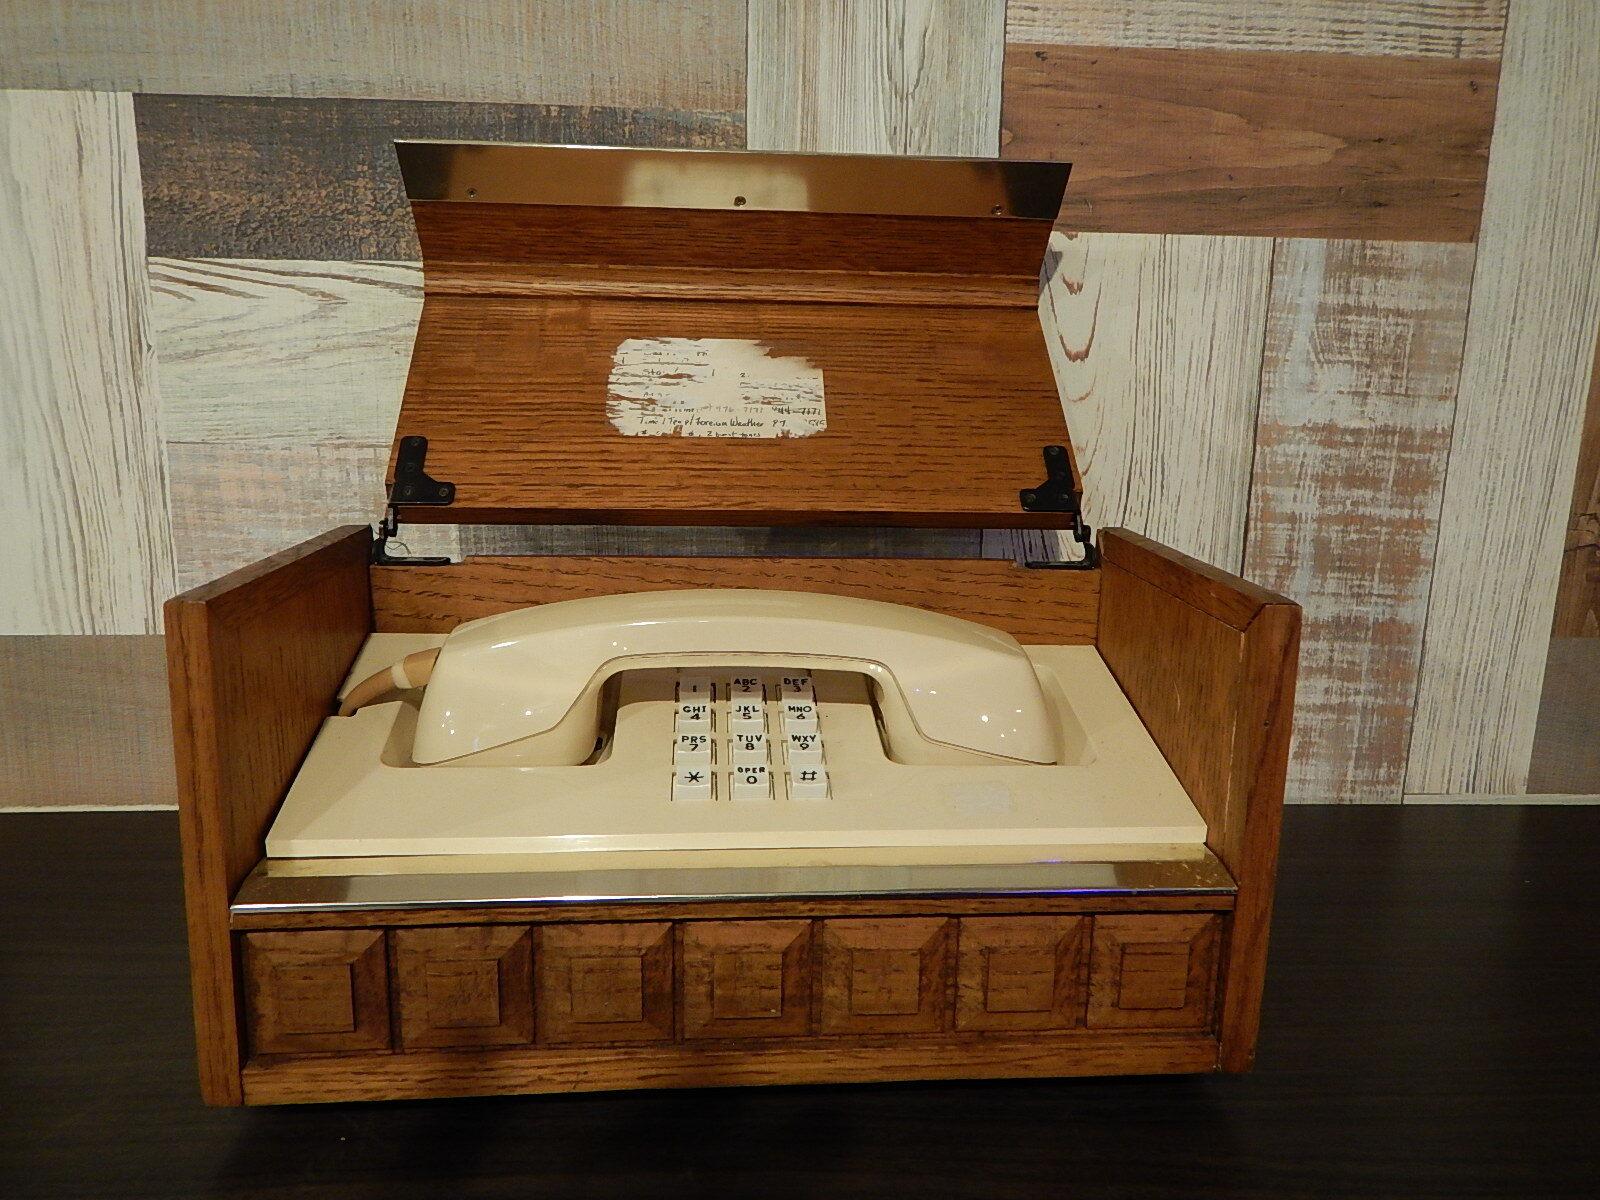 品番0198 1970年代 電話 収納式 ヴィンテージ 011